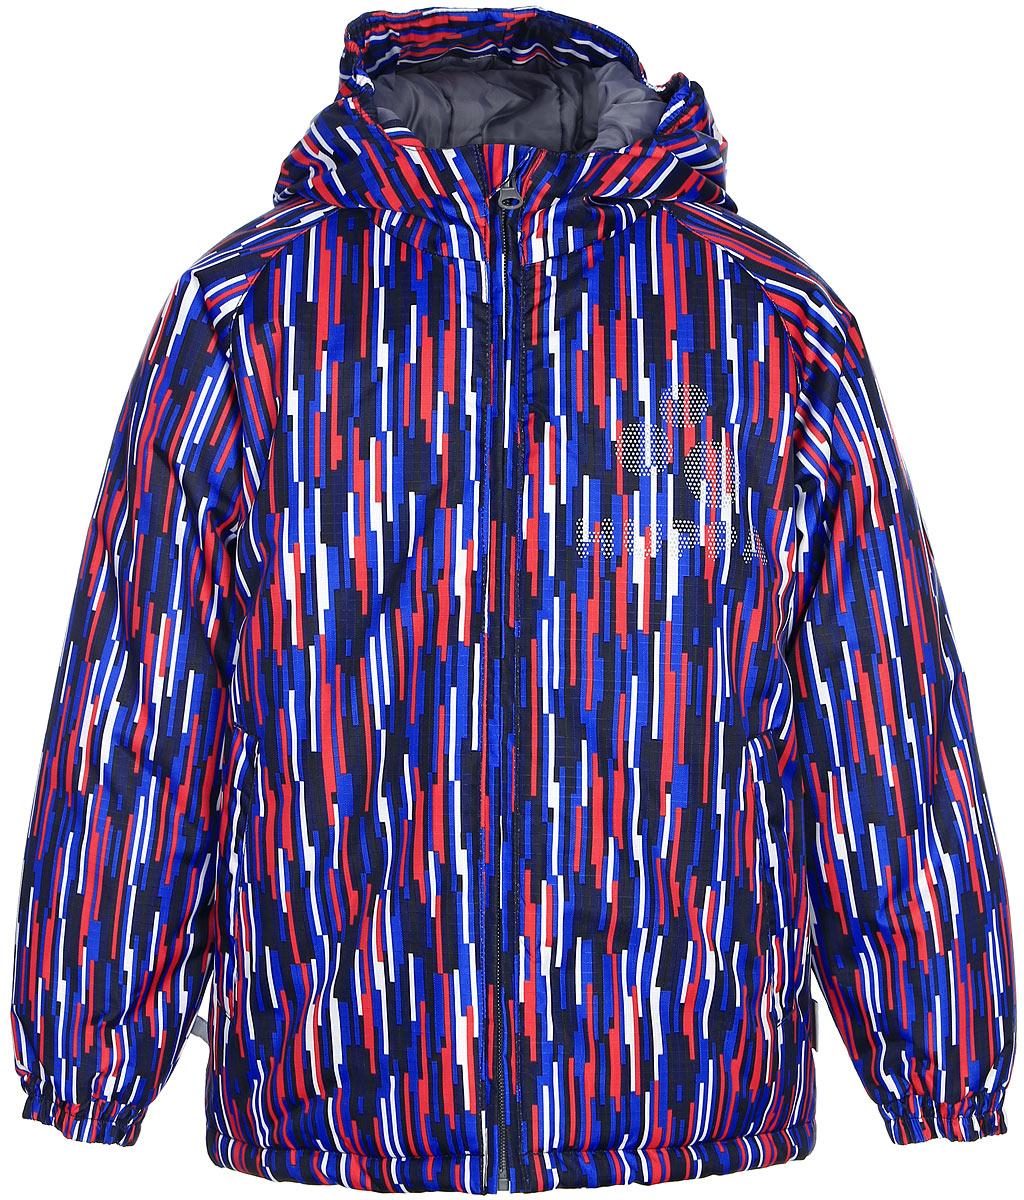 Куртка детская Huppa Classy, цвет: темно-синий. 17710030-586. Размер 12817710030-586Детская куртка Huppa изготовлена из водонепроницаемого полиэстера. Куртка с капюшоном застегивается на пластиковую застежку-молнию с защитой подбородка. Края капюшона и рукавов собраны на внутренние резинки. У модели имеются два врезных кармана. Изделие дополнено светоотражающими элементами